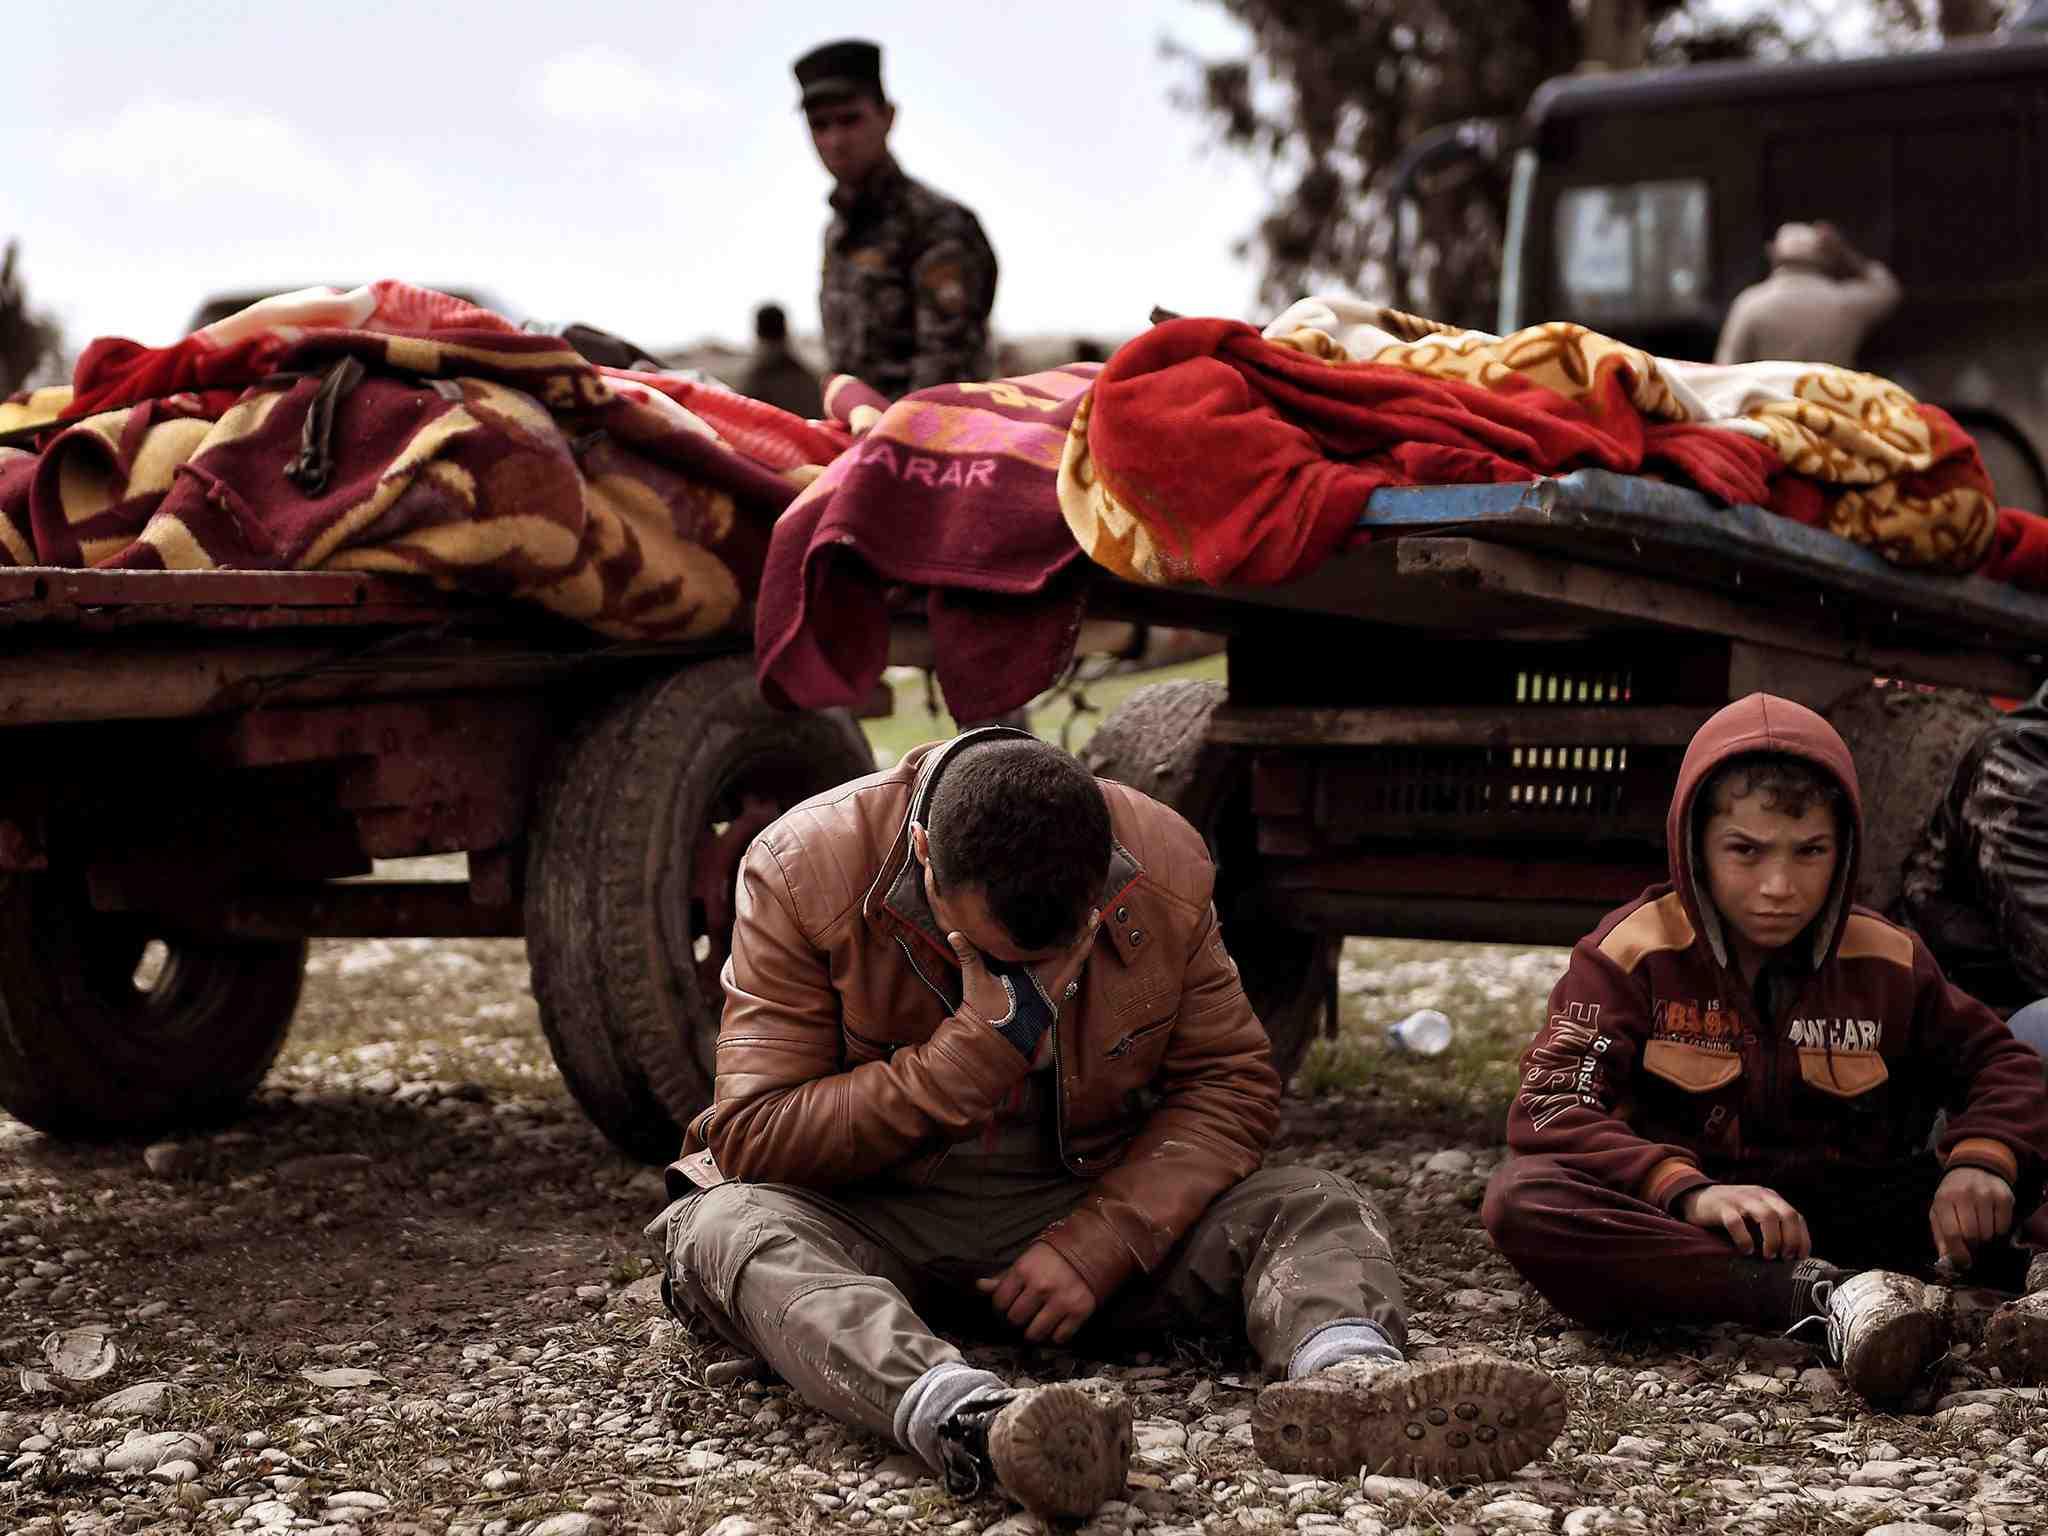 Musul operasyonunda 40 binin üzerinde sivil hayatını kaybetti